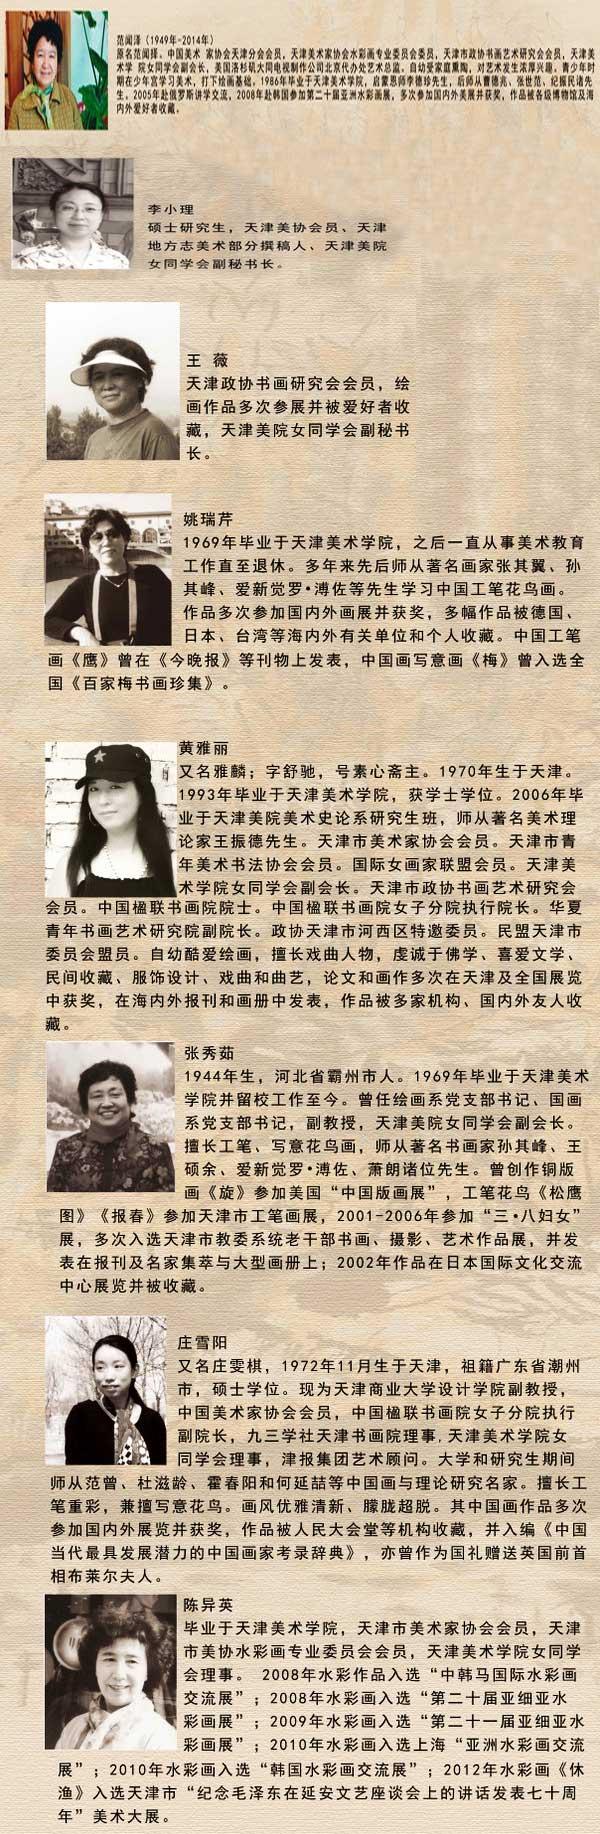 纪念范闻泽暨庆三八天津美院女同学会作品展将举行